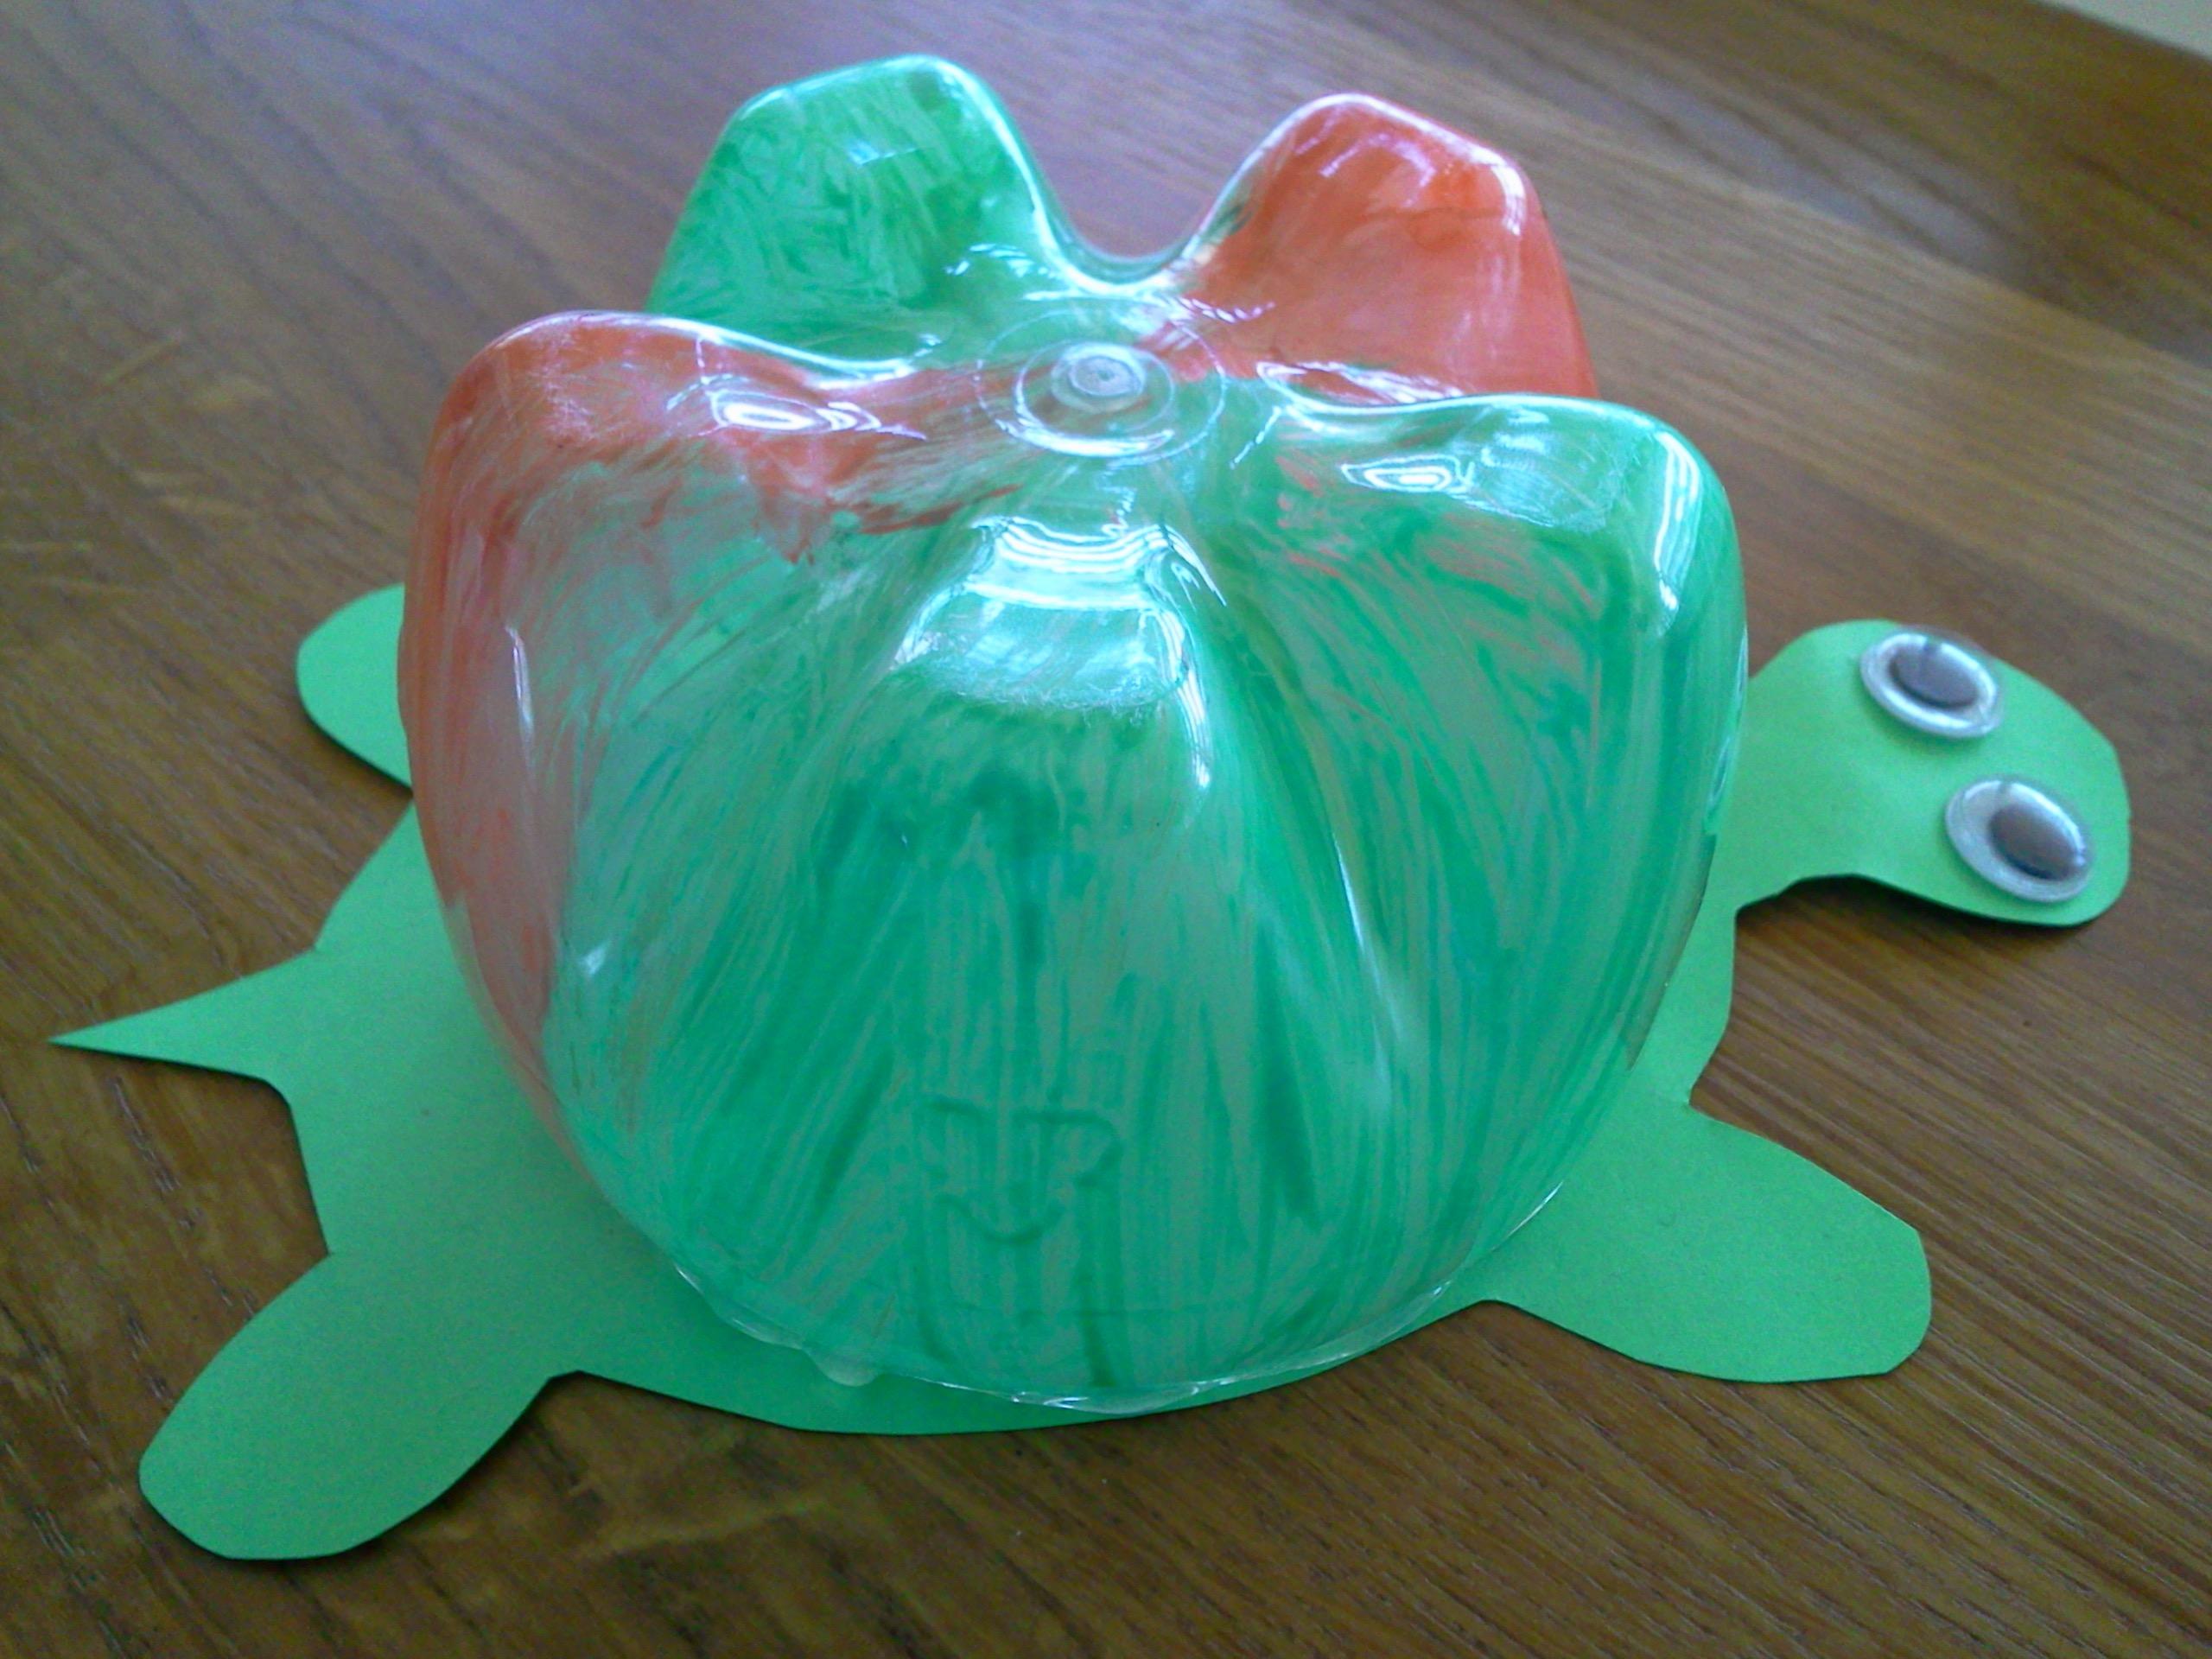 Ongebruikt Knutsel idee schildpad van lege plastic fles UR-23